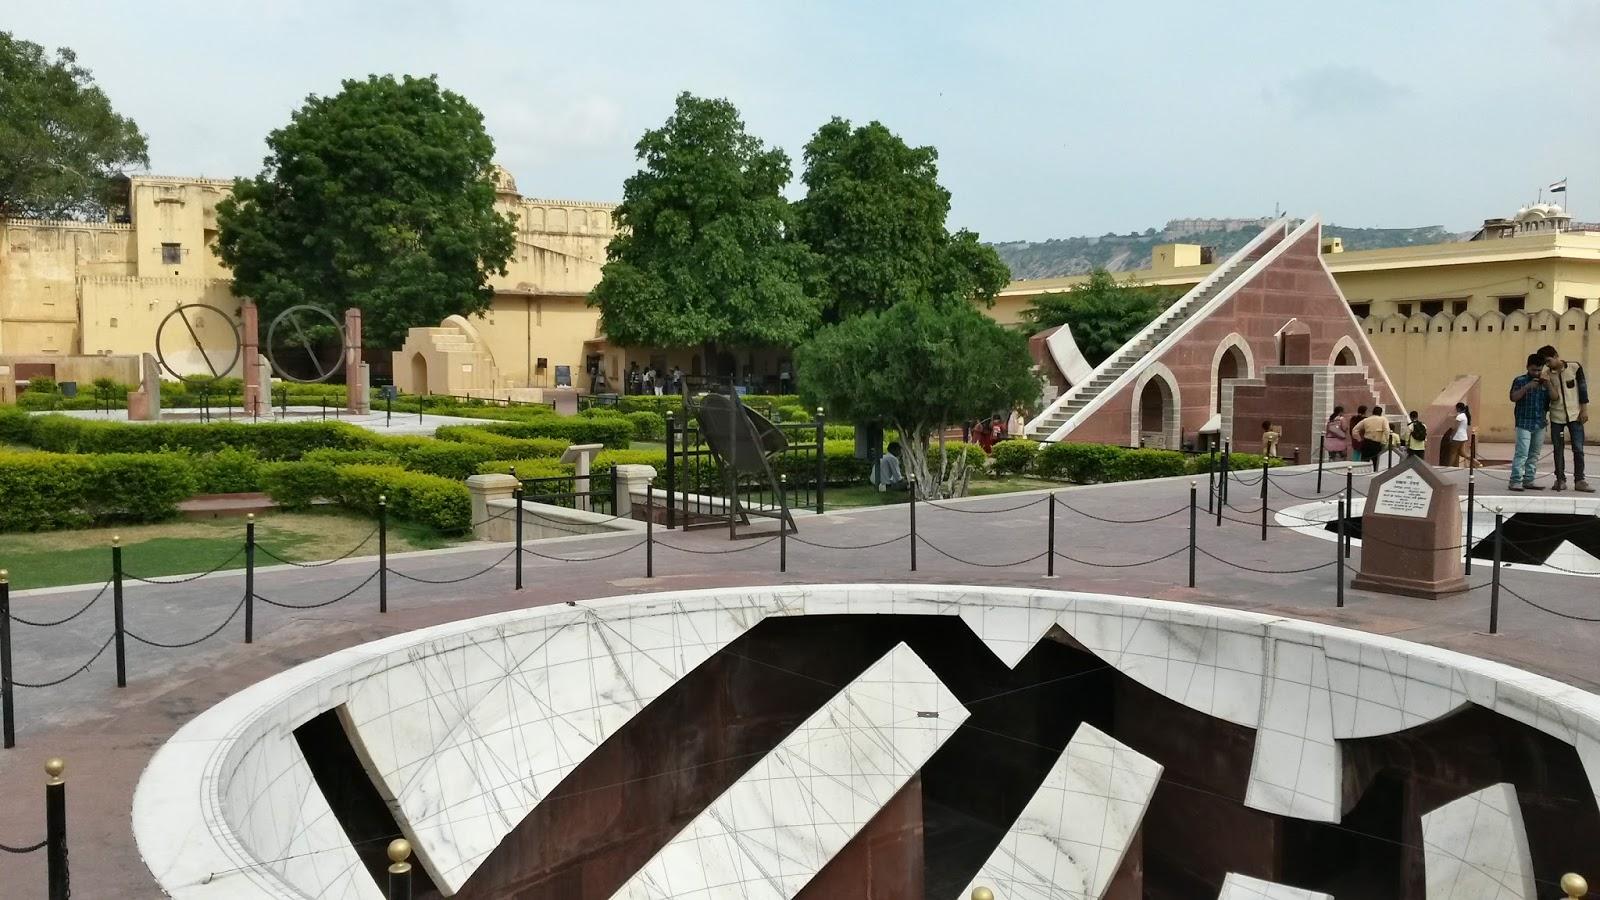 Jantar Mantar Jaipur India